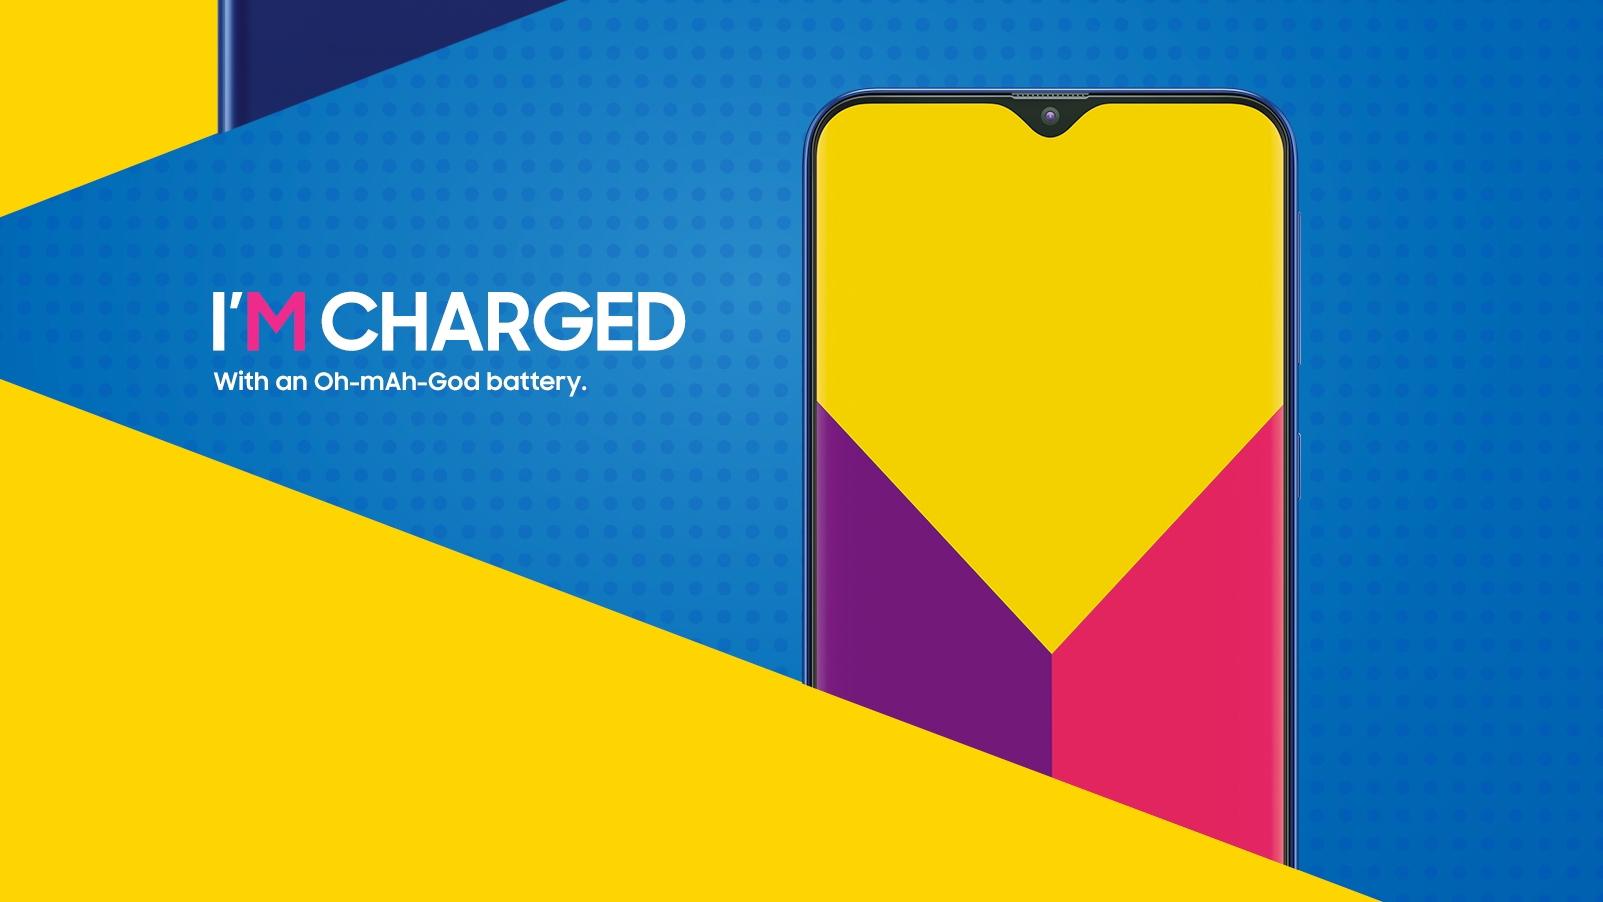 Samsung готовит к выходу бюджетник с Android 11 из коробки и чипом Snapdragon 460